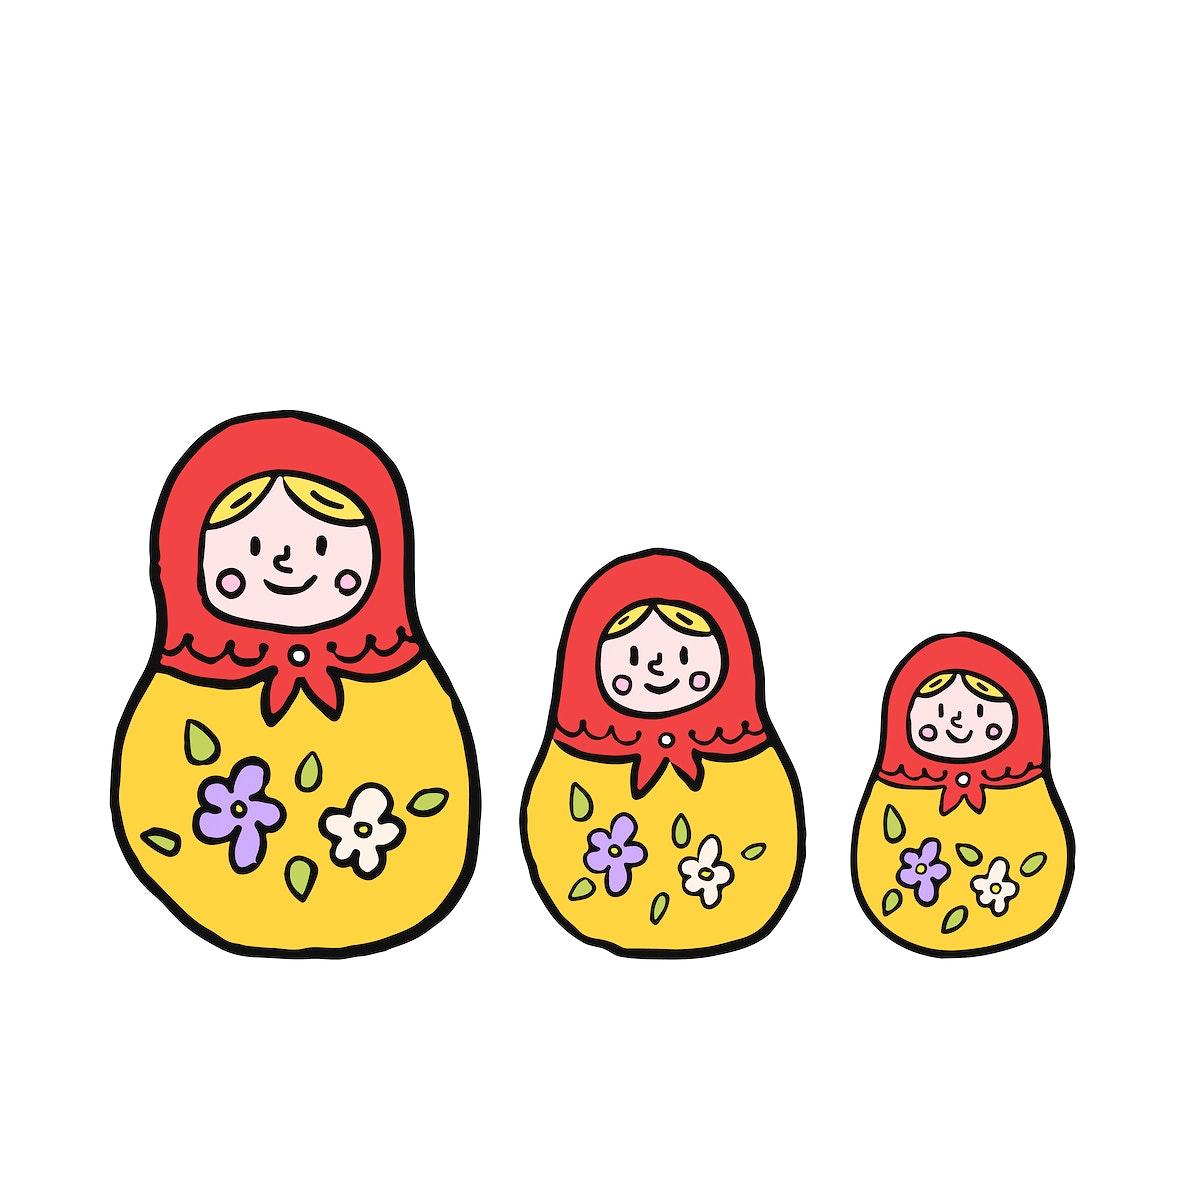 Russian nesting doll or matryoshka illustration